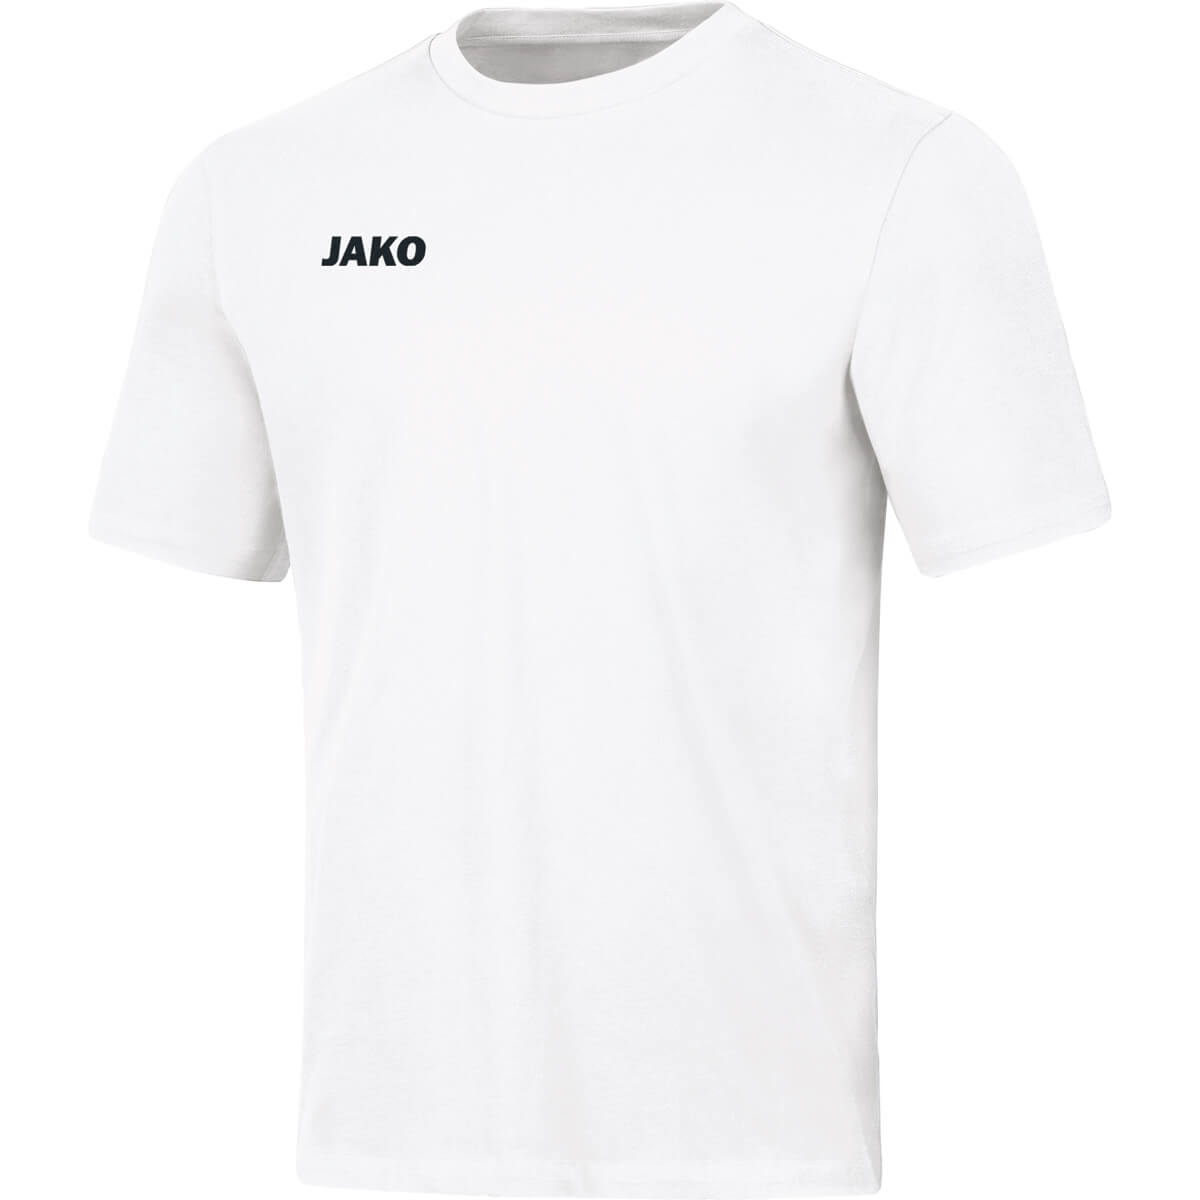 Jako T-Shirt Base Kinder 6165  | div. Größen / Farben